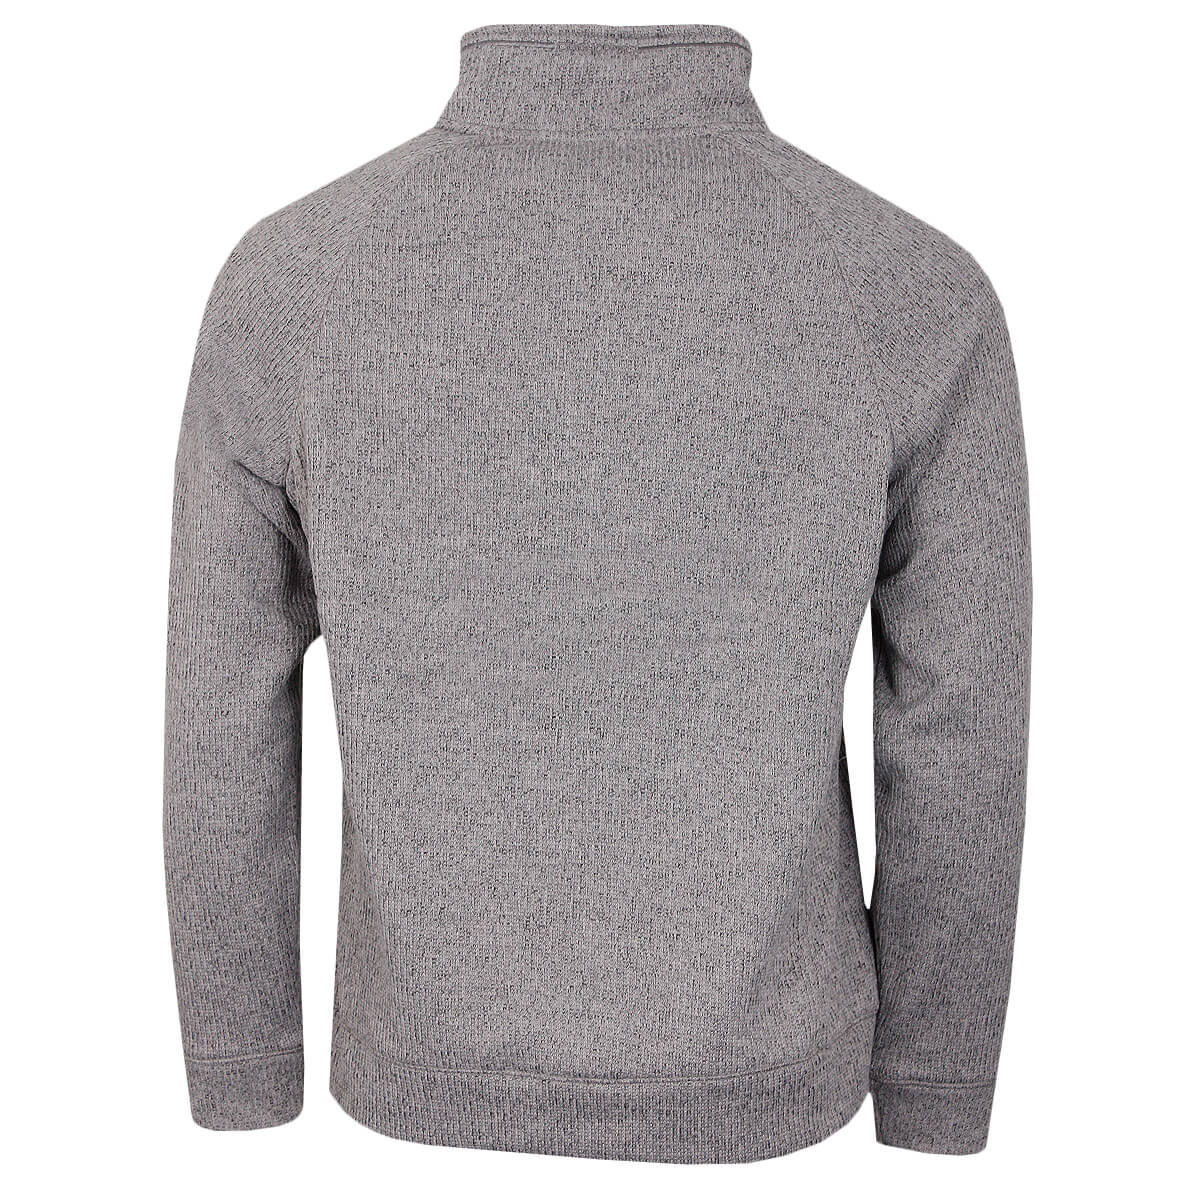 Craghoppers-Mens-Norton-Half-Zip-Fleece-Outdoor-Sweater-Pullover-60-OFF-RRP thumbnail 7